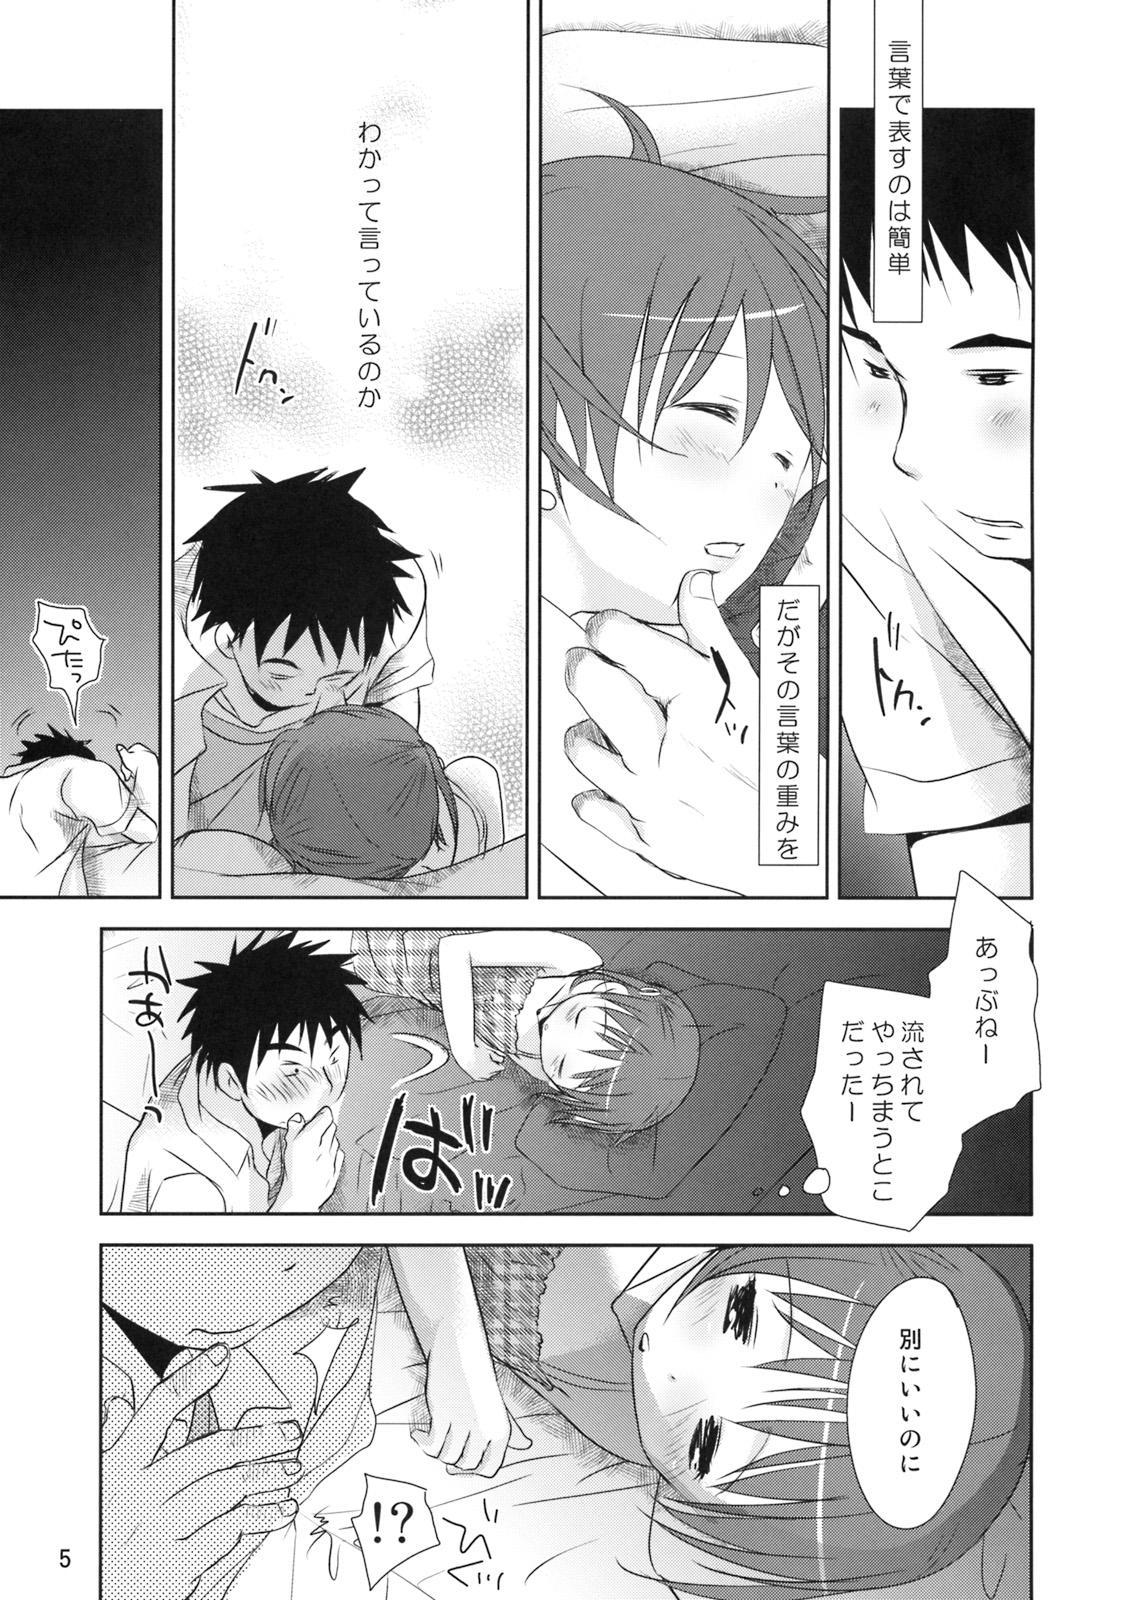 Uchi no Imouto ga! 3